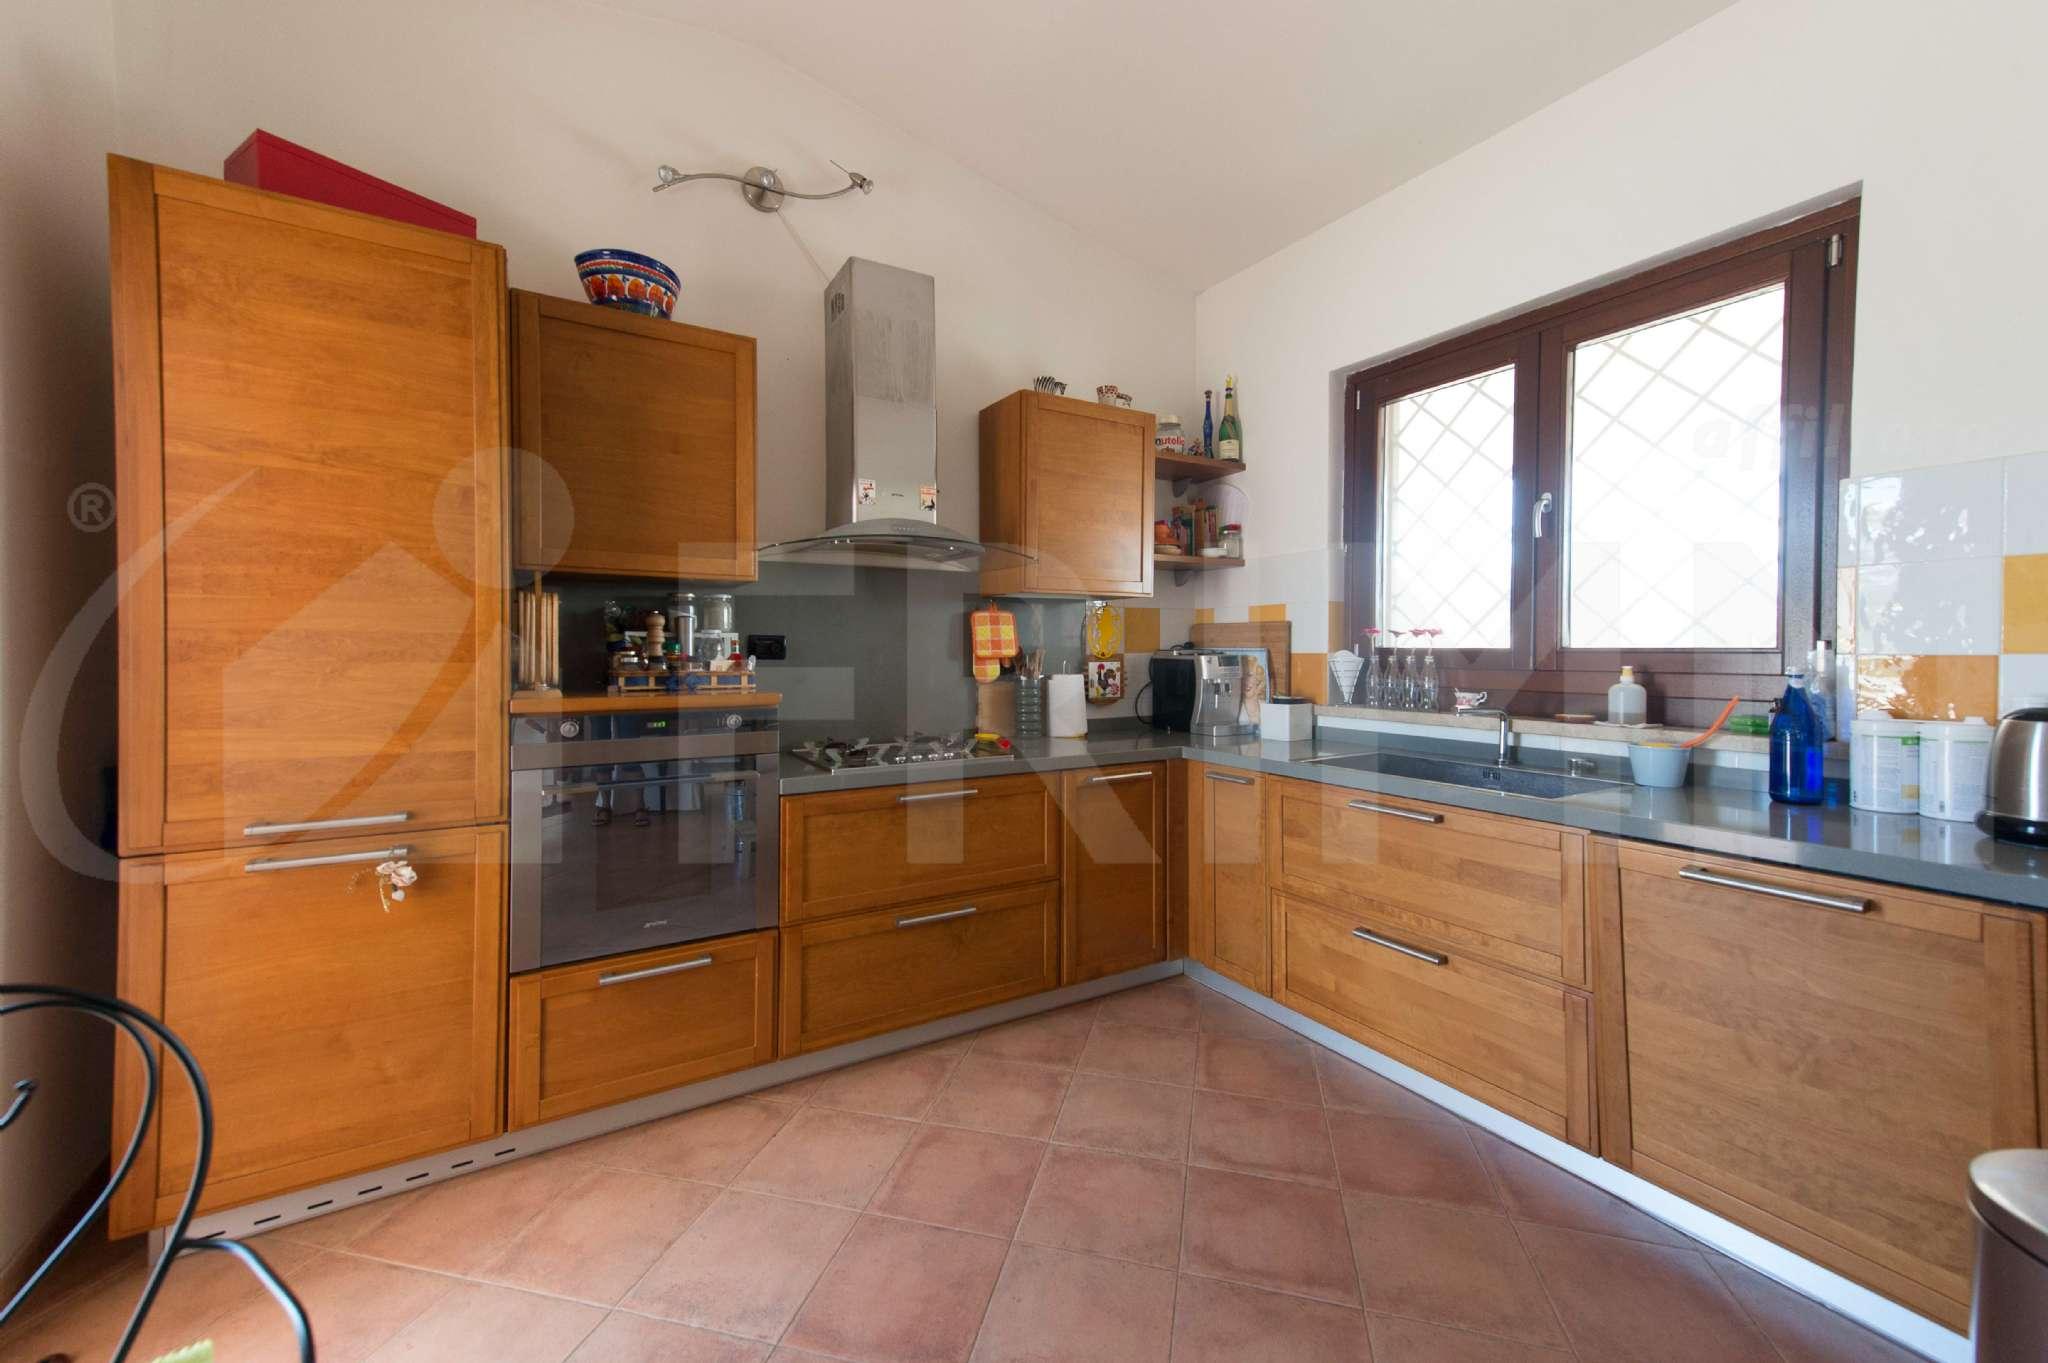 Villa in vendita a Pomezia, 9 locali, prezzo € 490.000 | CambioCasa.it